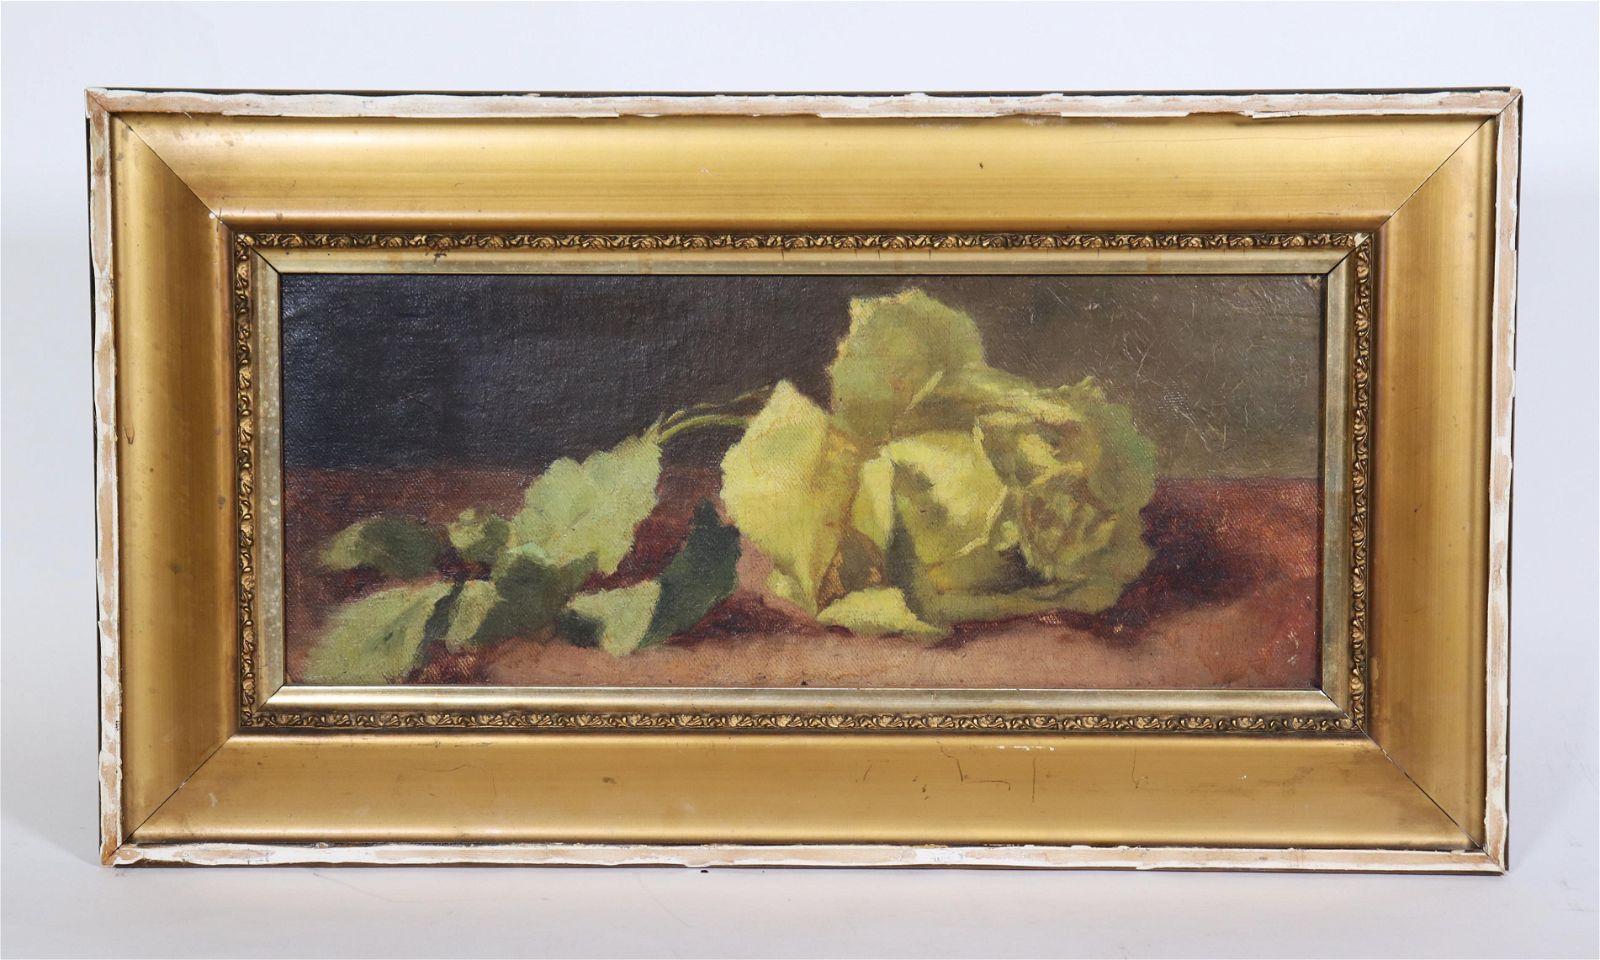 C A Pedretti, Ohio; Yellow Rose Oil Board